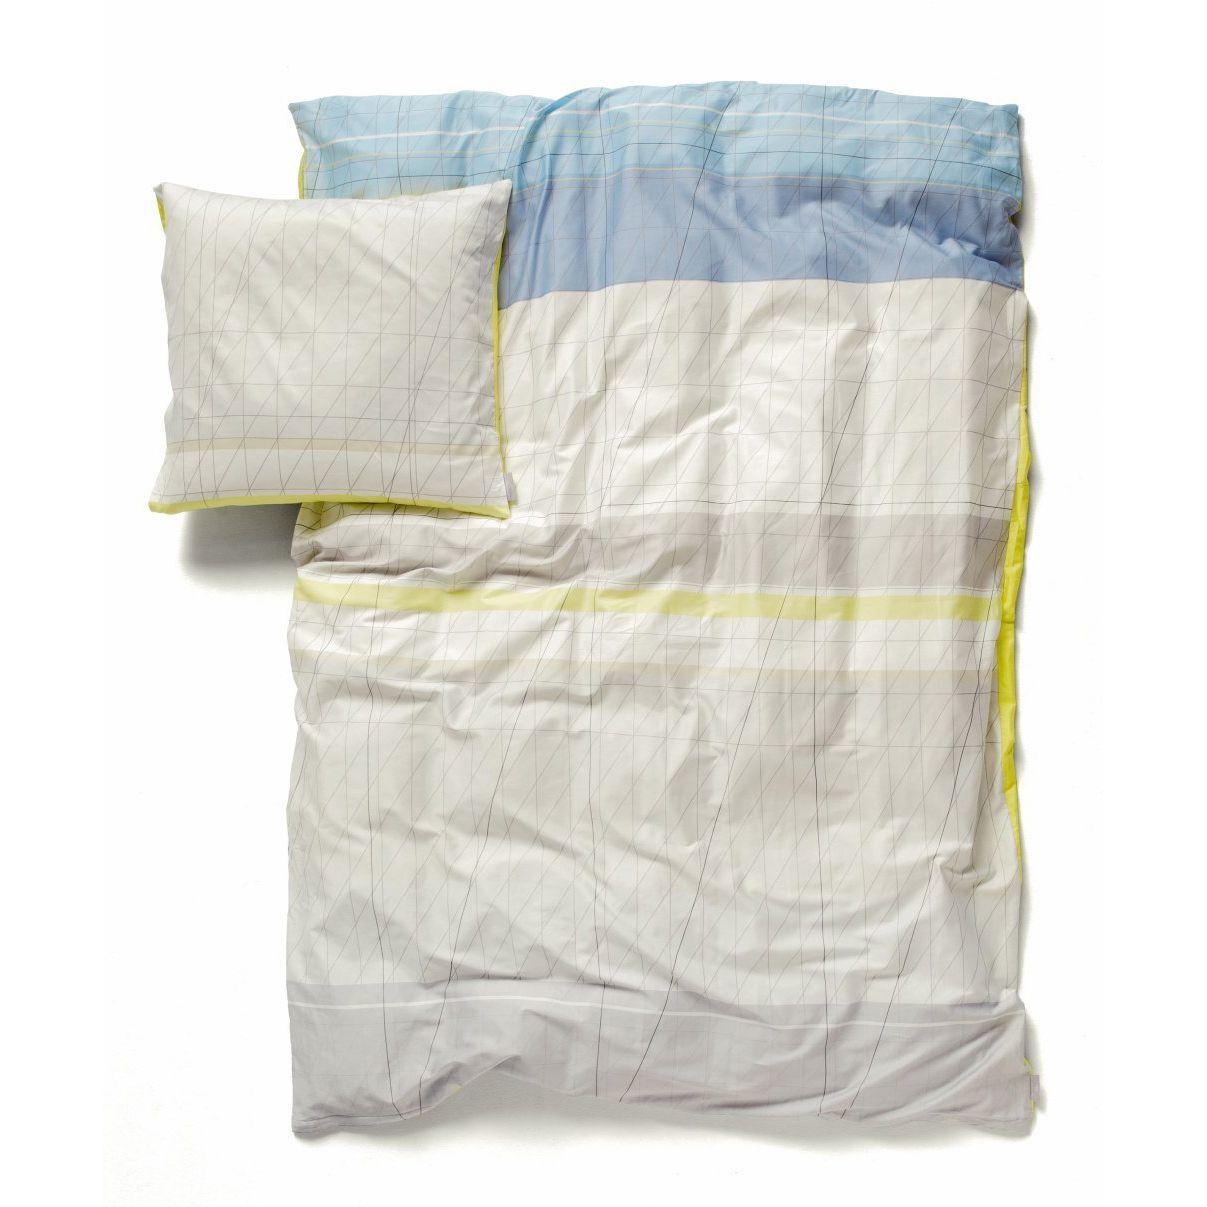 S B Bettwasche Von Hay Bettwasche Leinenbettwasche Schone